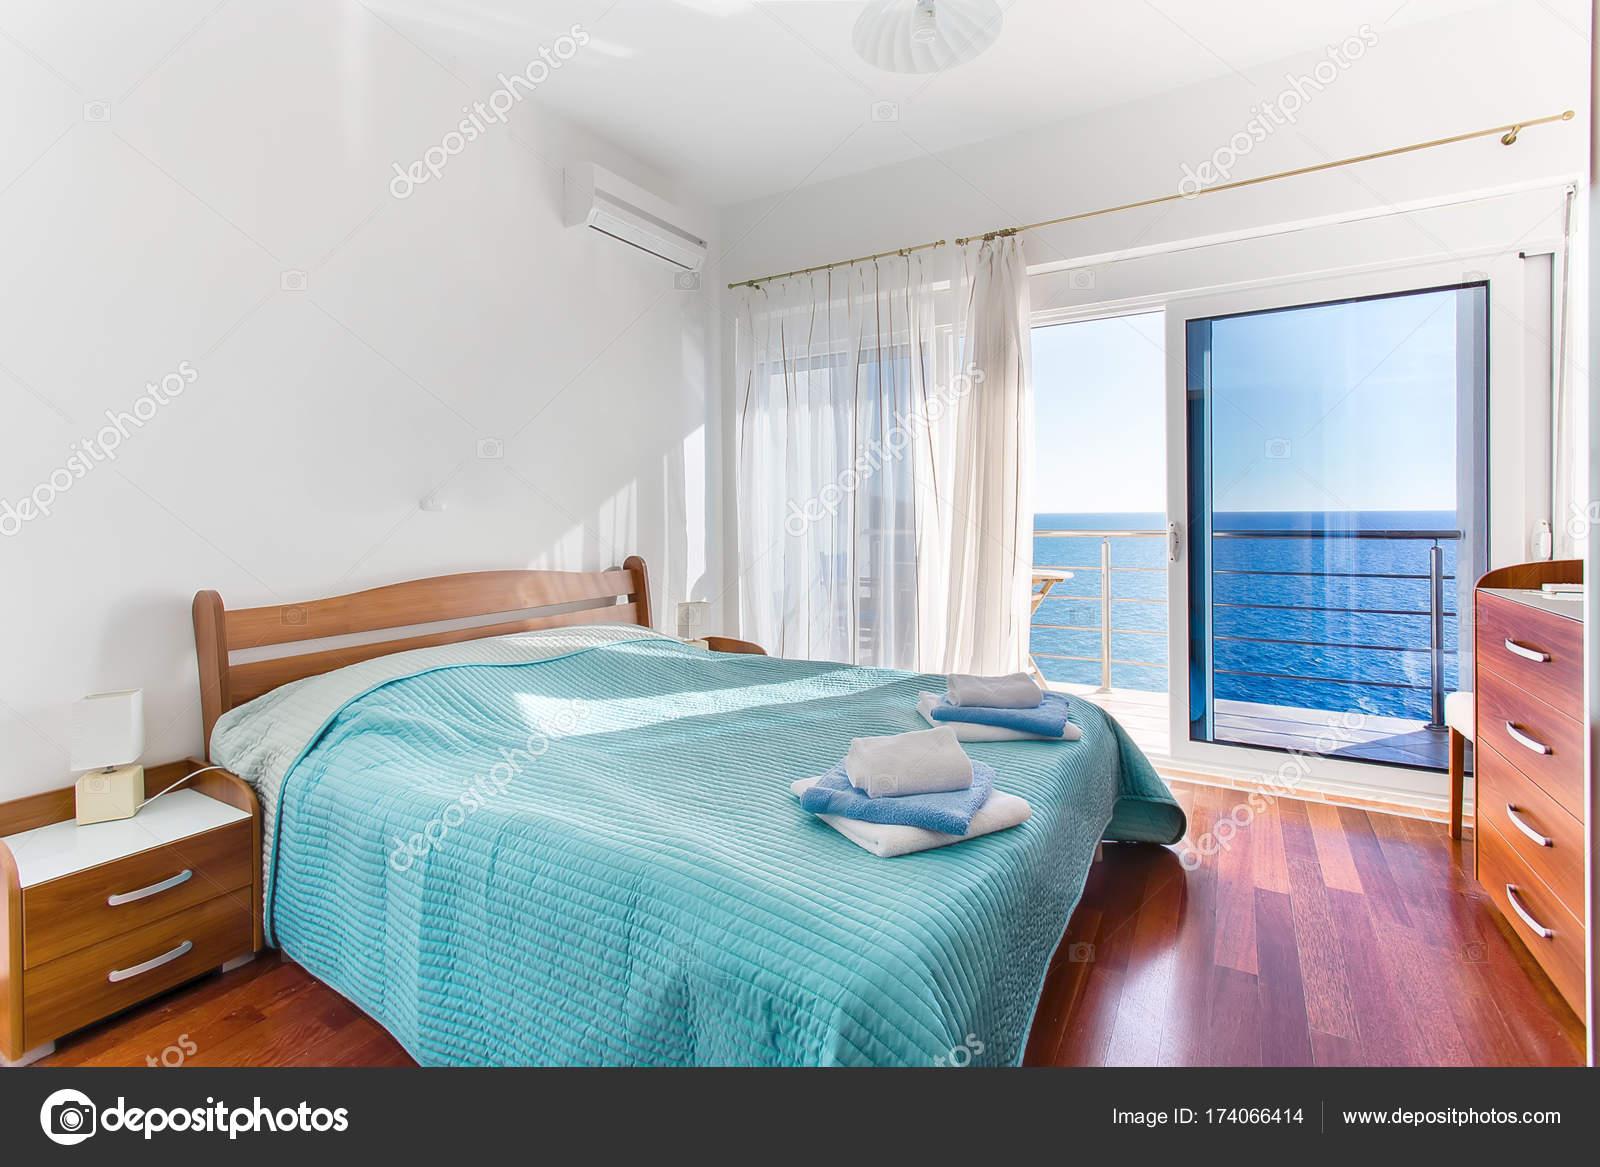 Camera da letto in hotel con vista mare — Foto Stock ...